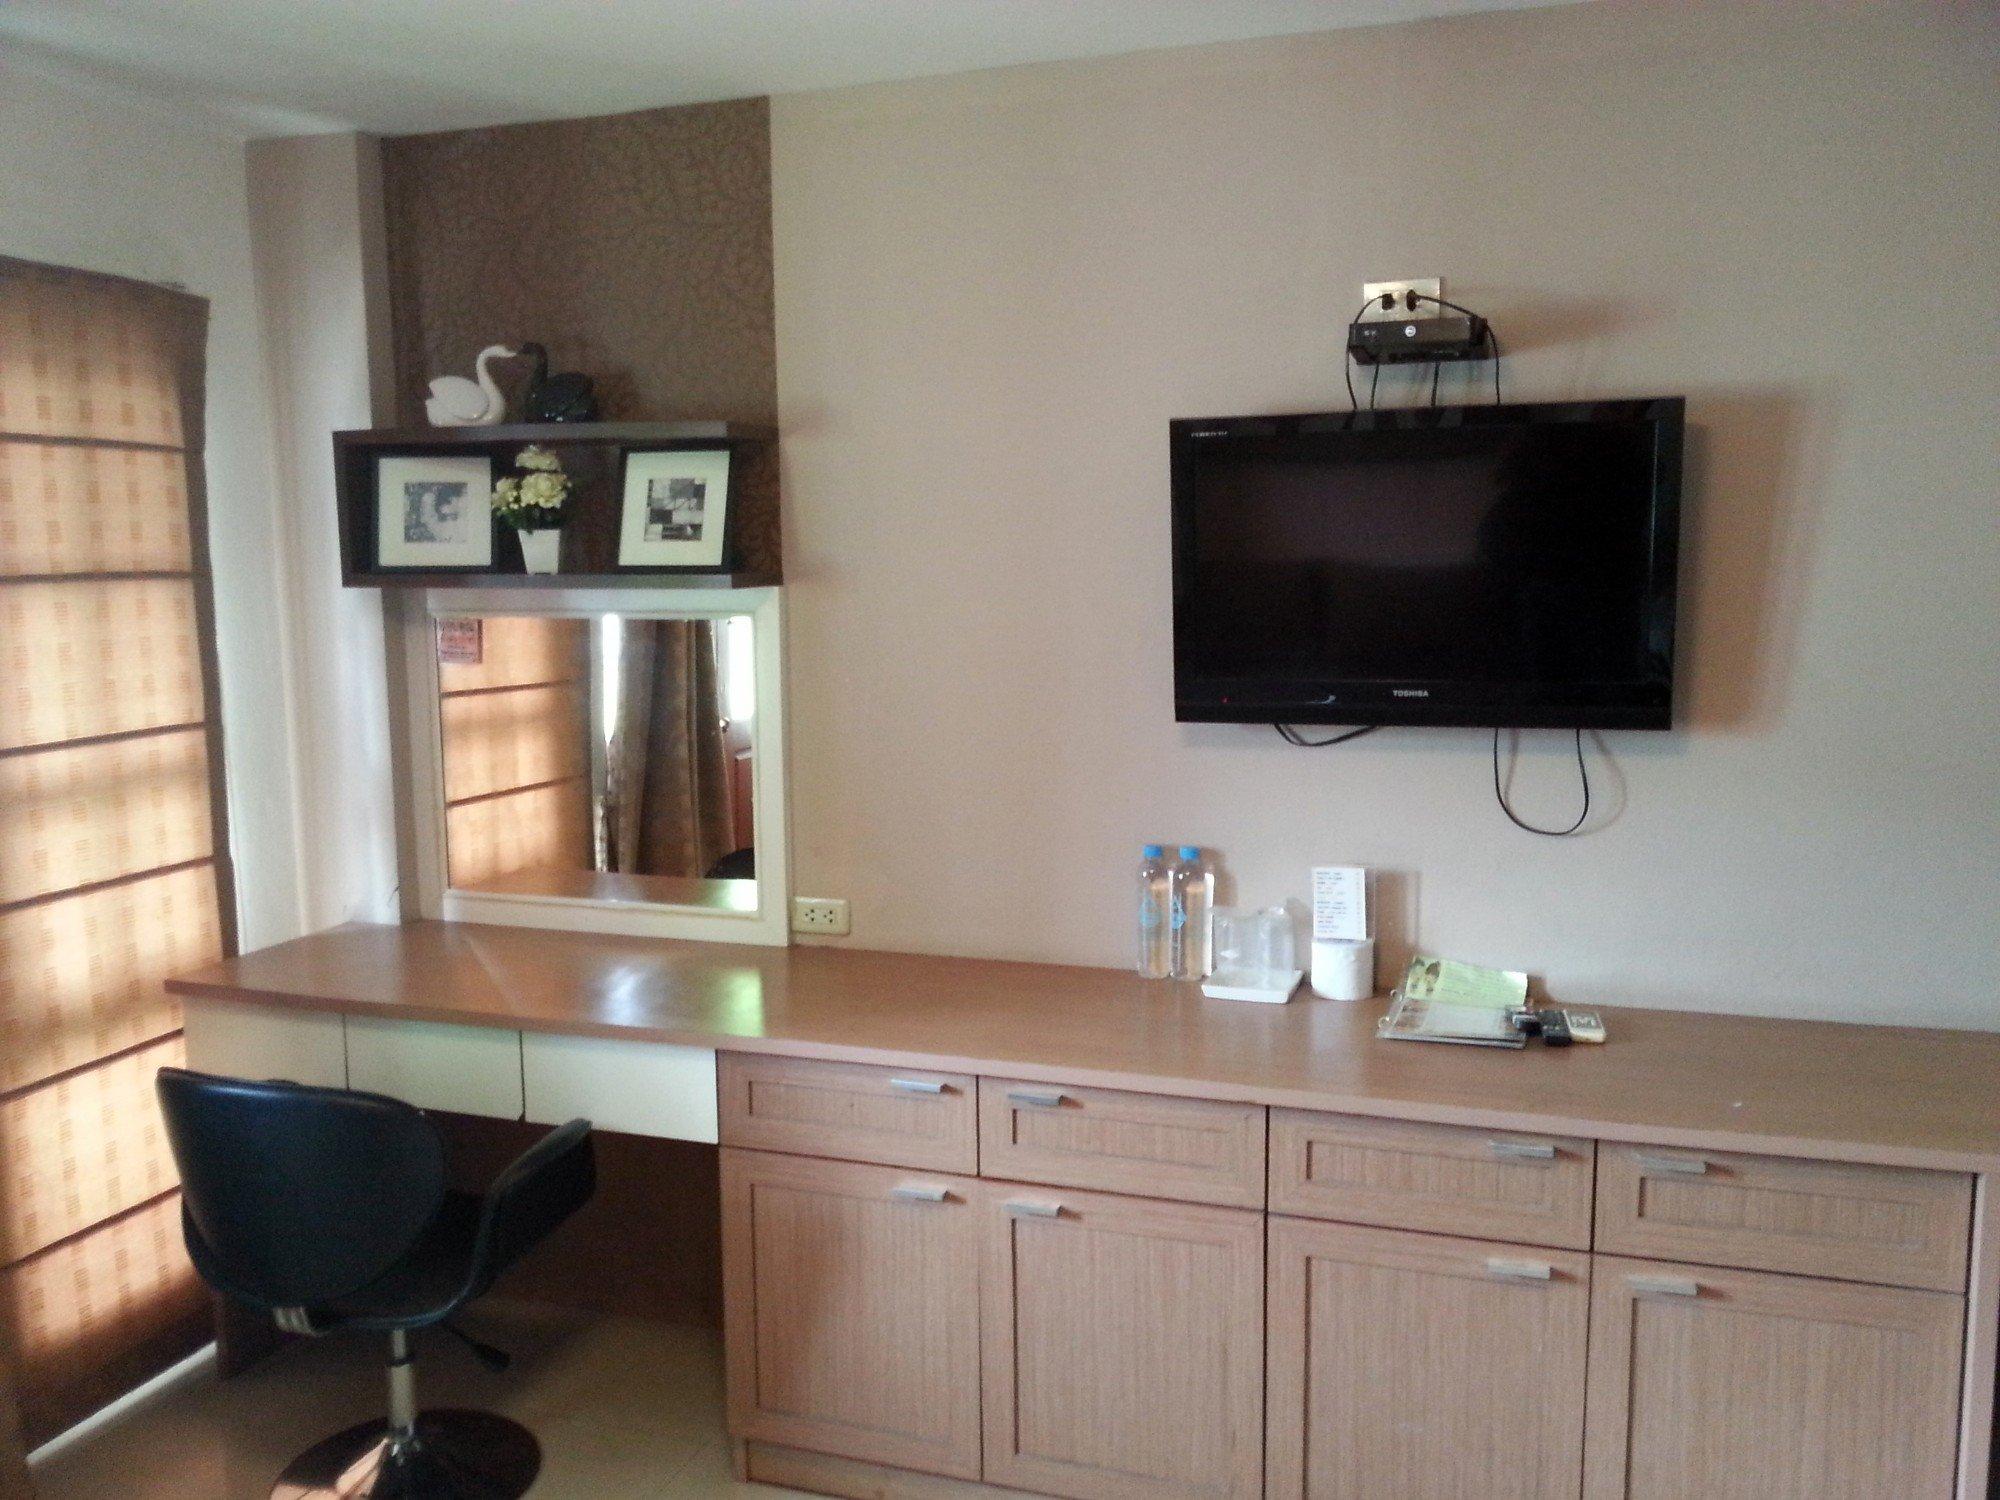 Room facilities at the Baan Chiang Rai Guest House